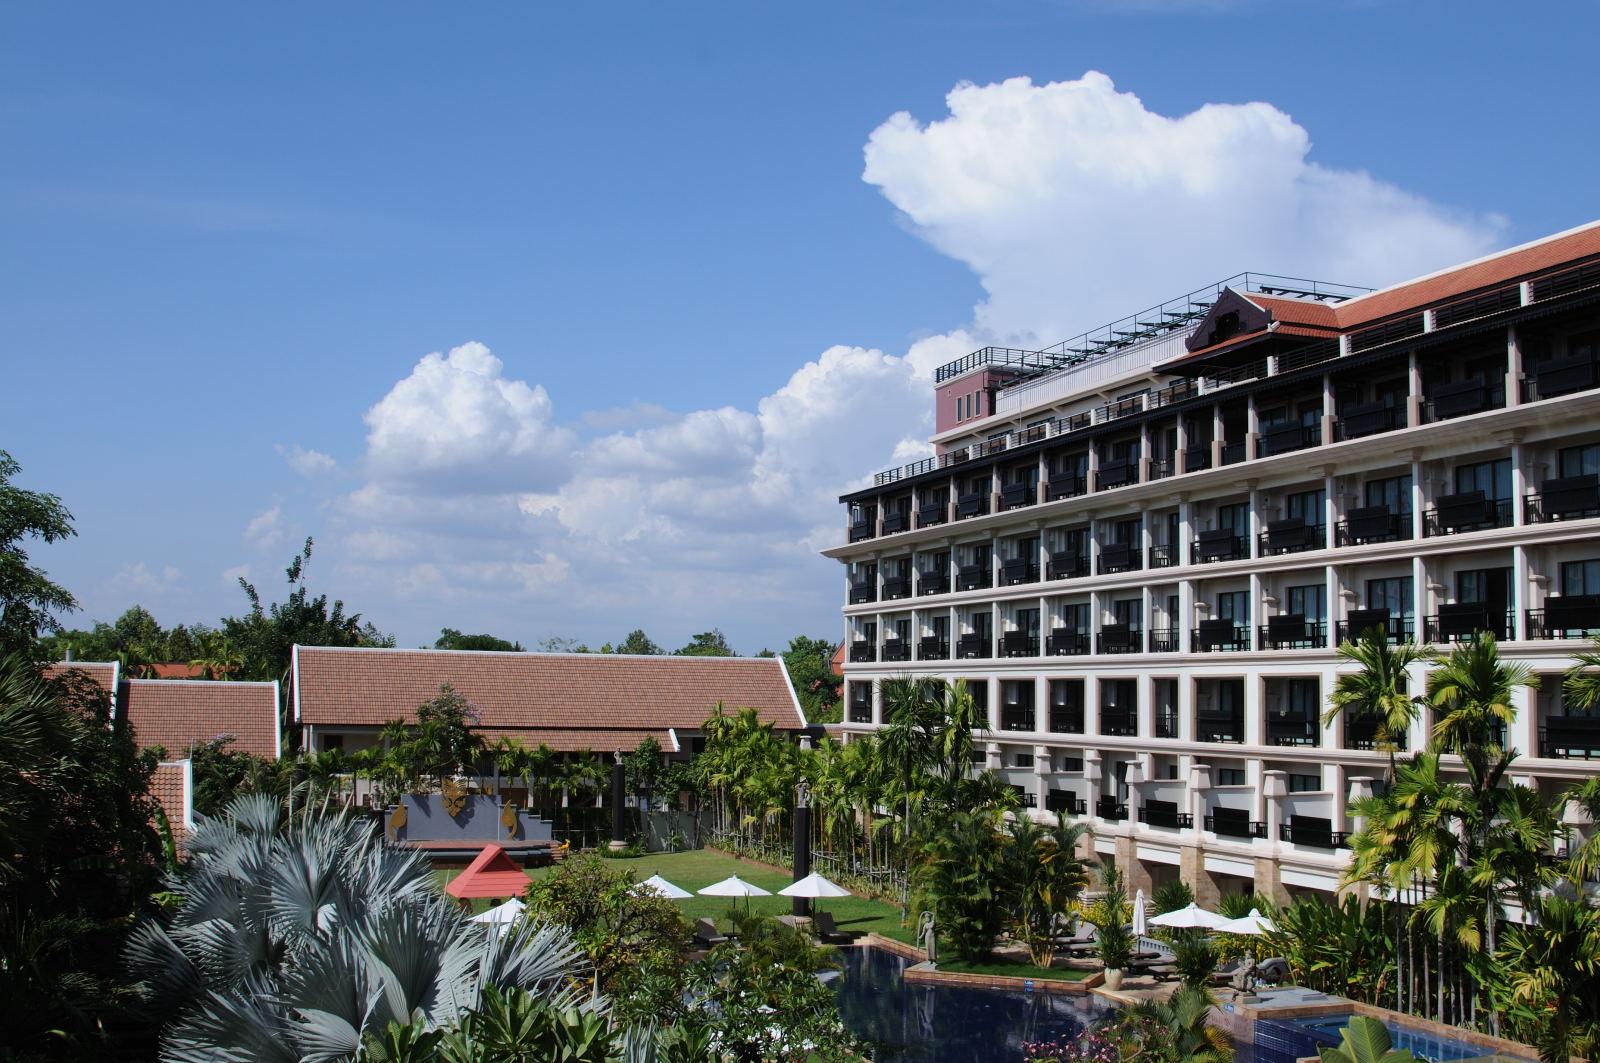 2015カンボジア旅行記 宿泊ホテルについて